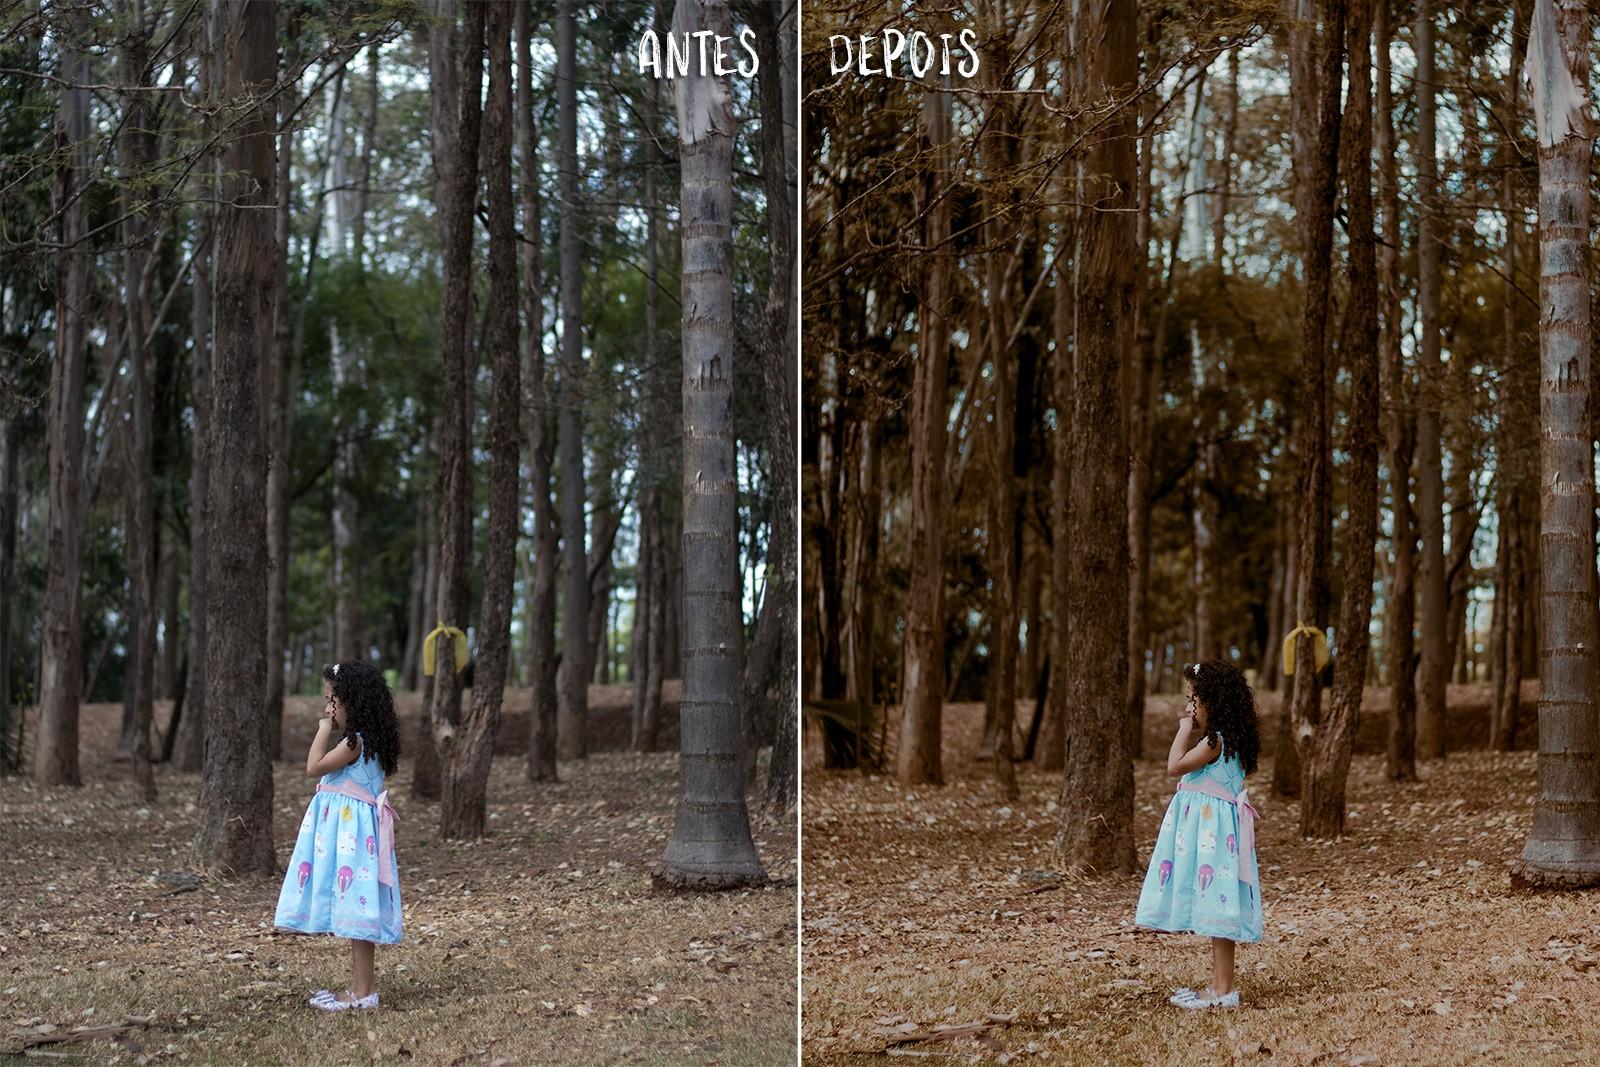 fotografia antes e depois edição